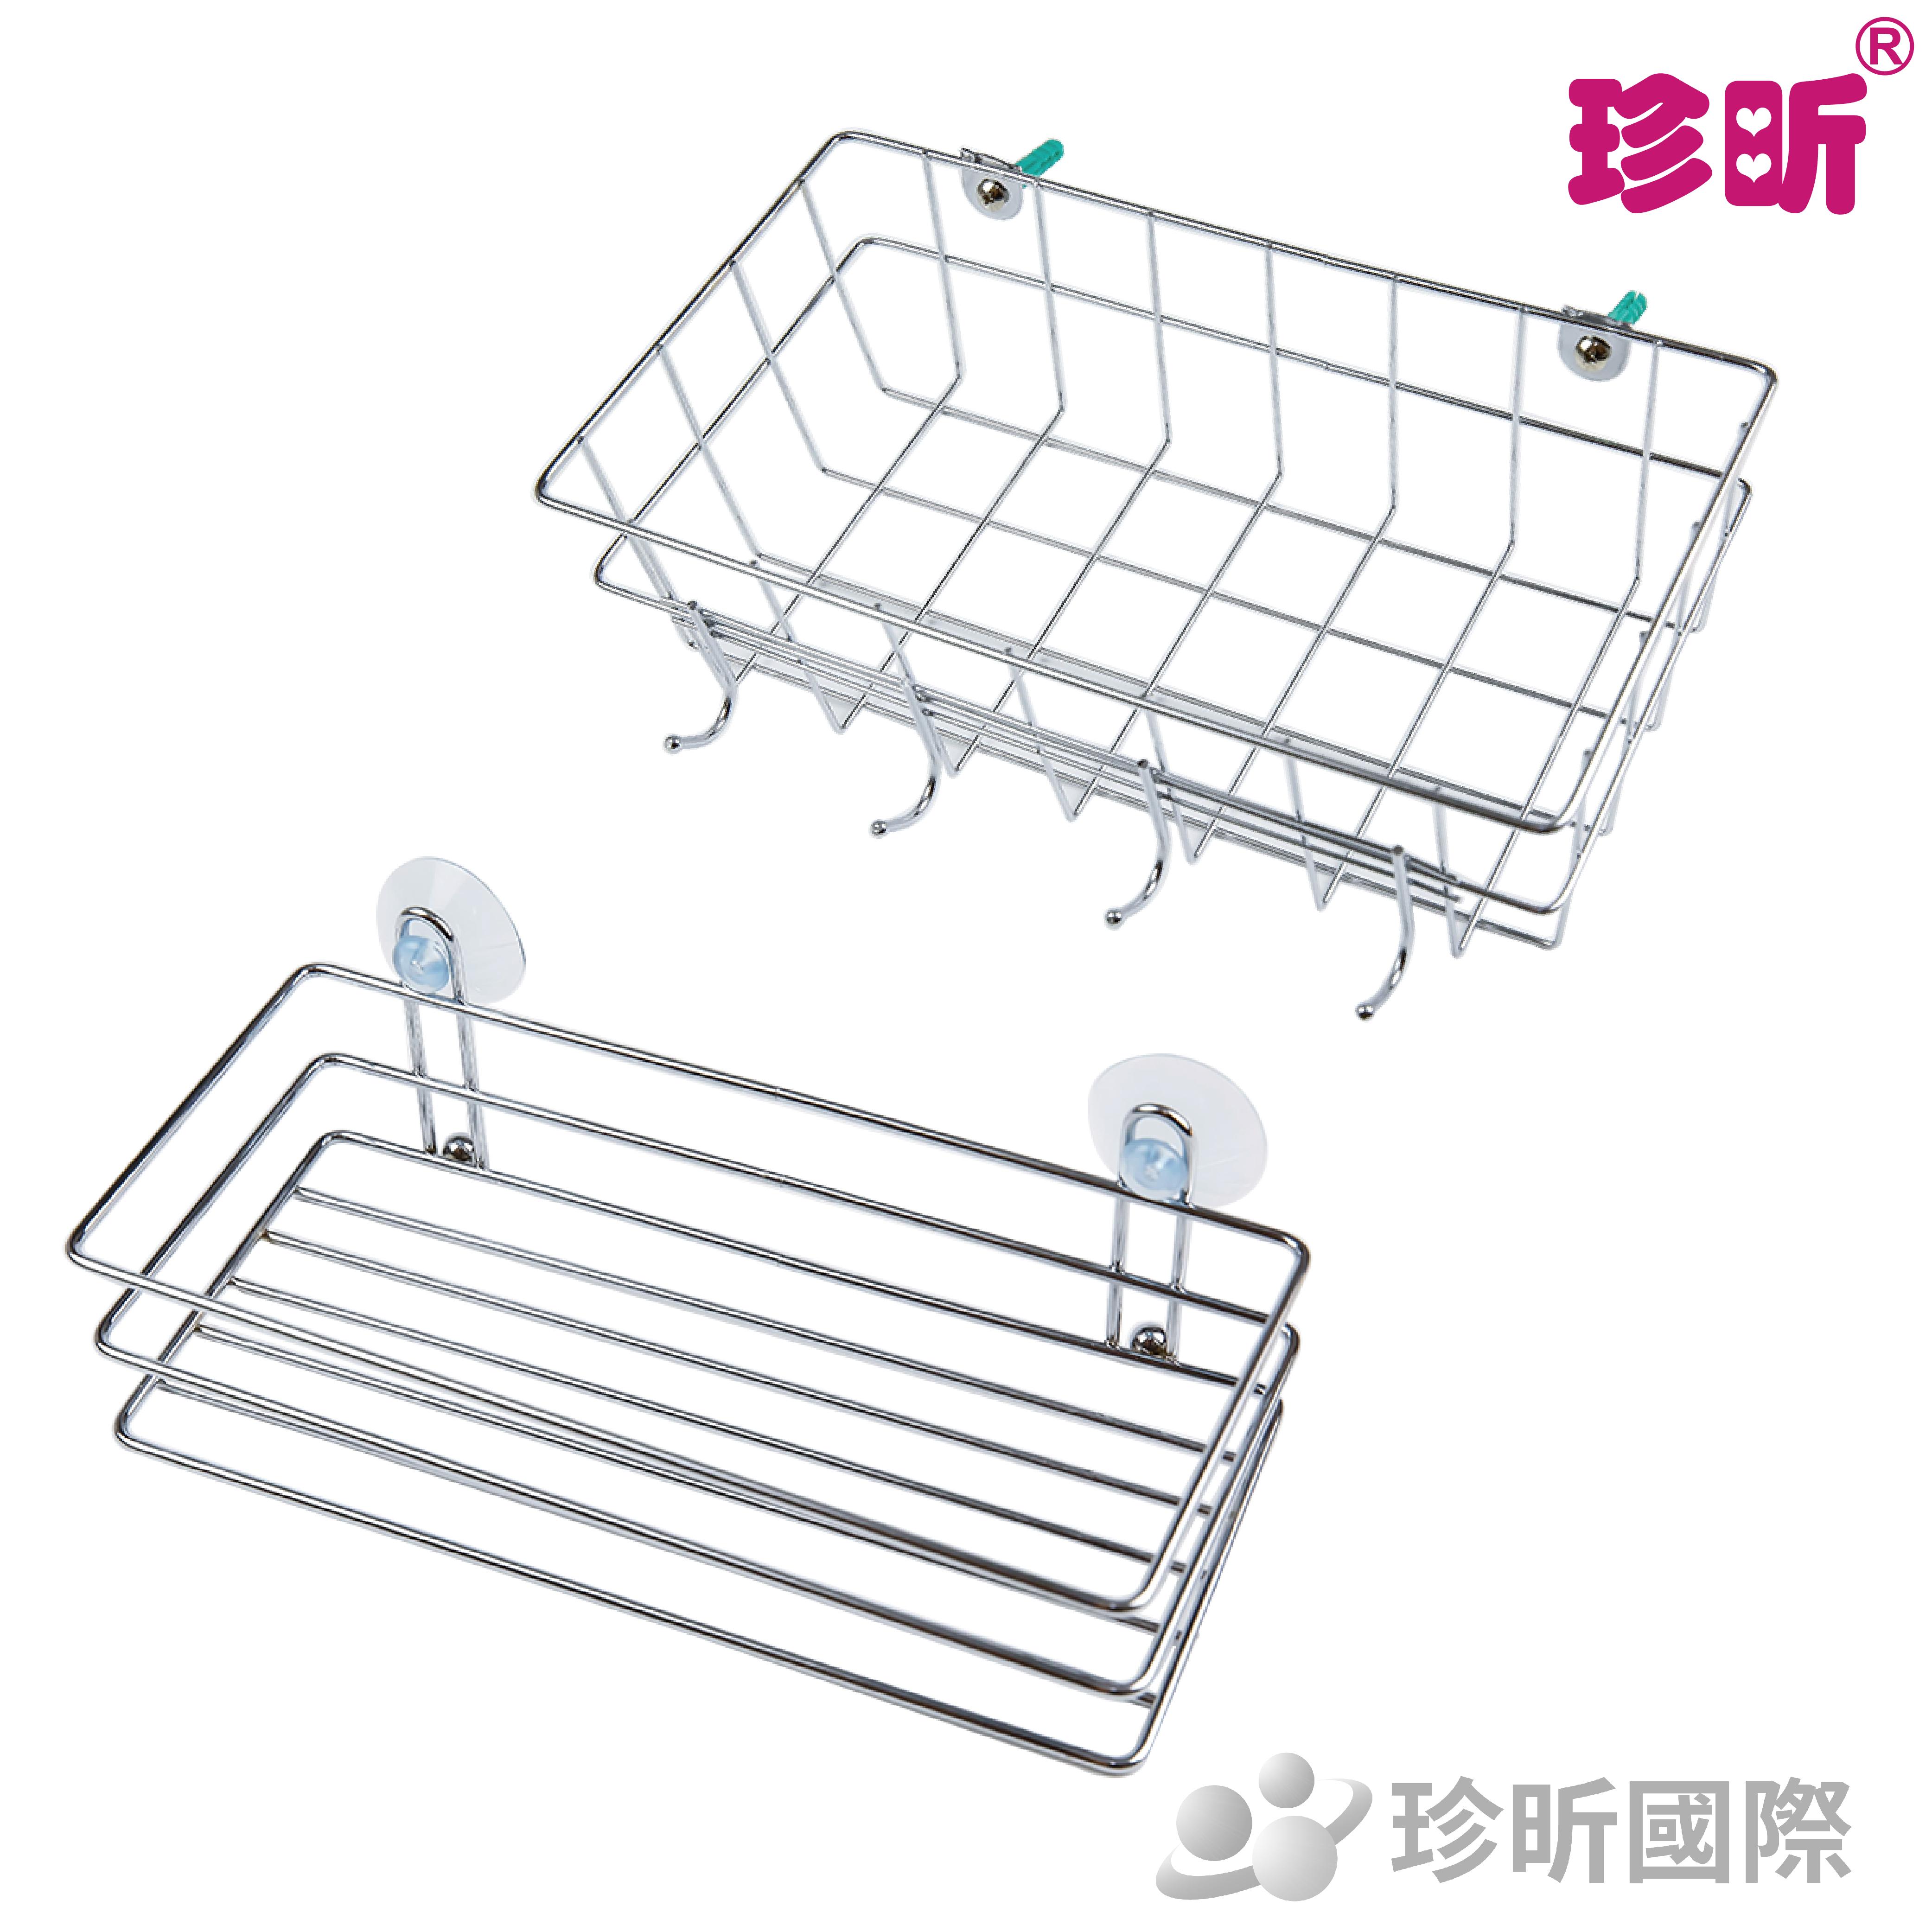 【珍昕】台灣製 廚房吊籃~2款可選(約27x17x8cm、25x11.5x8.5cm)/置物籃